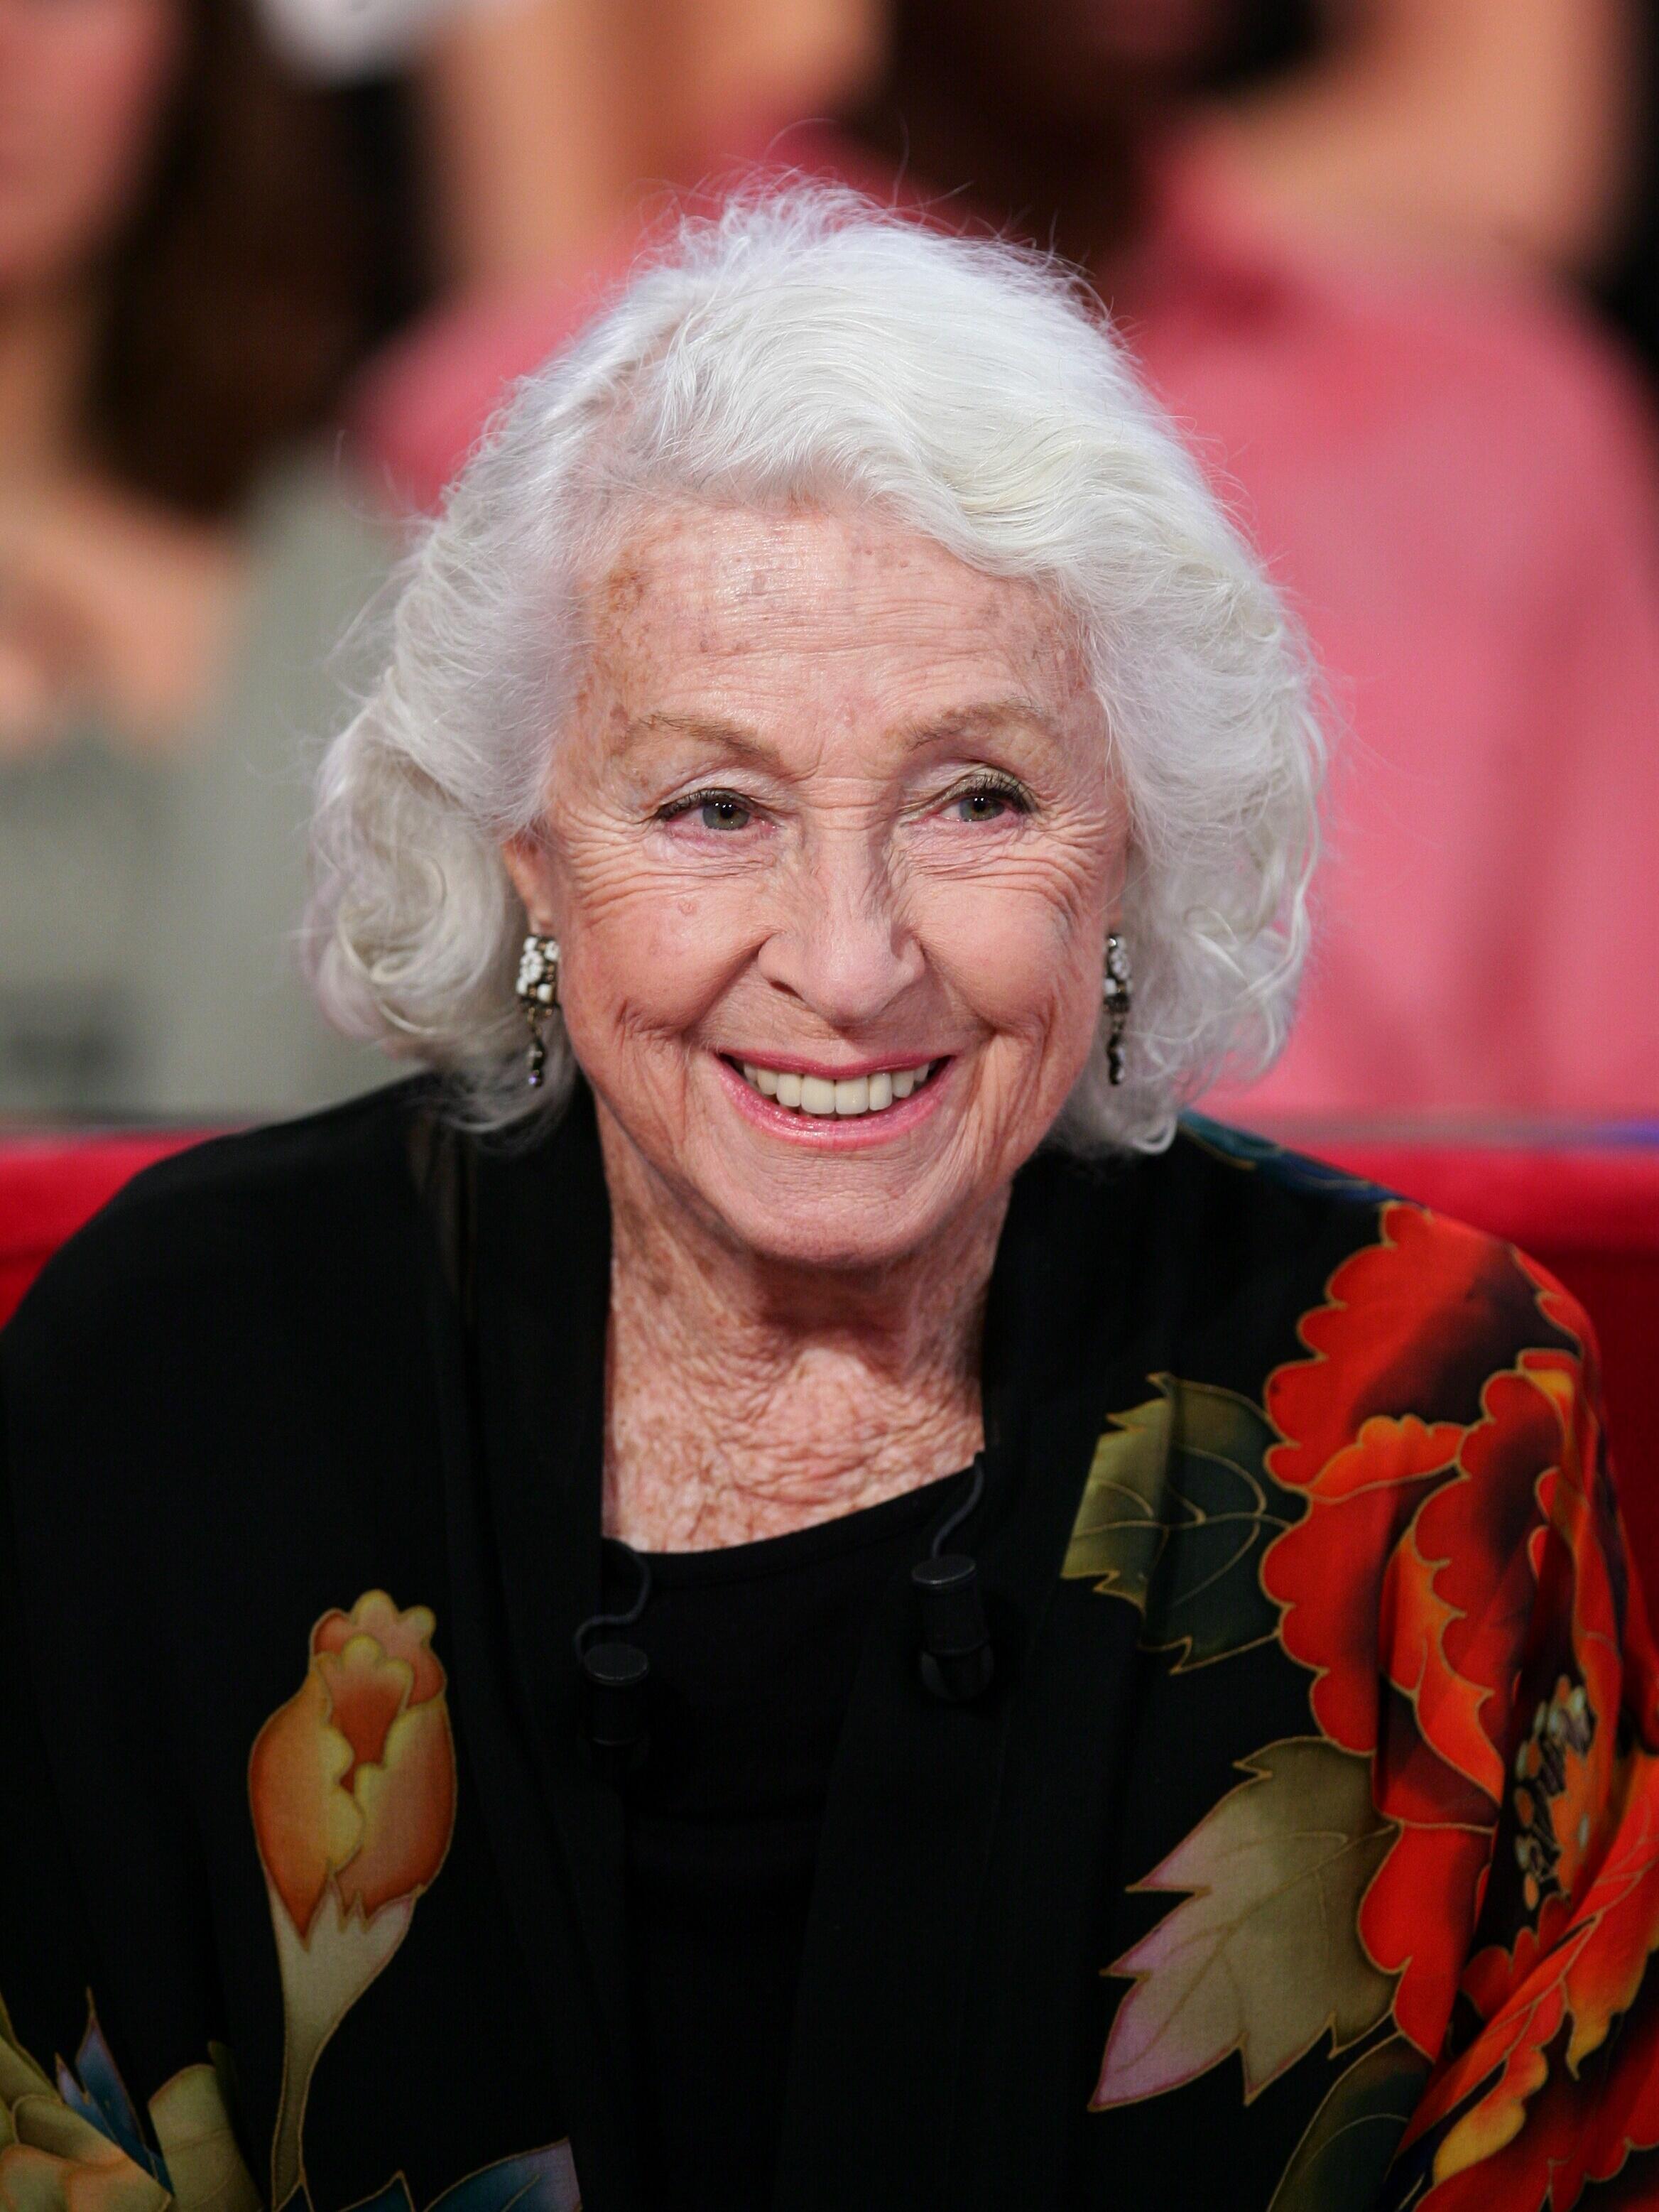 Em 2007, a atriz esbanjava sorrisos em um programa da TV francesa.